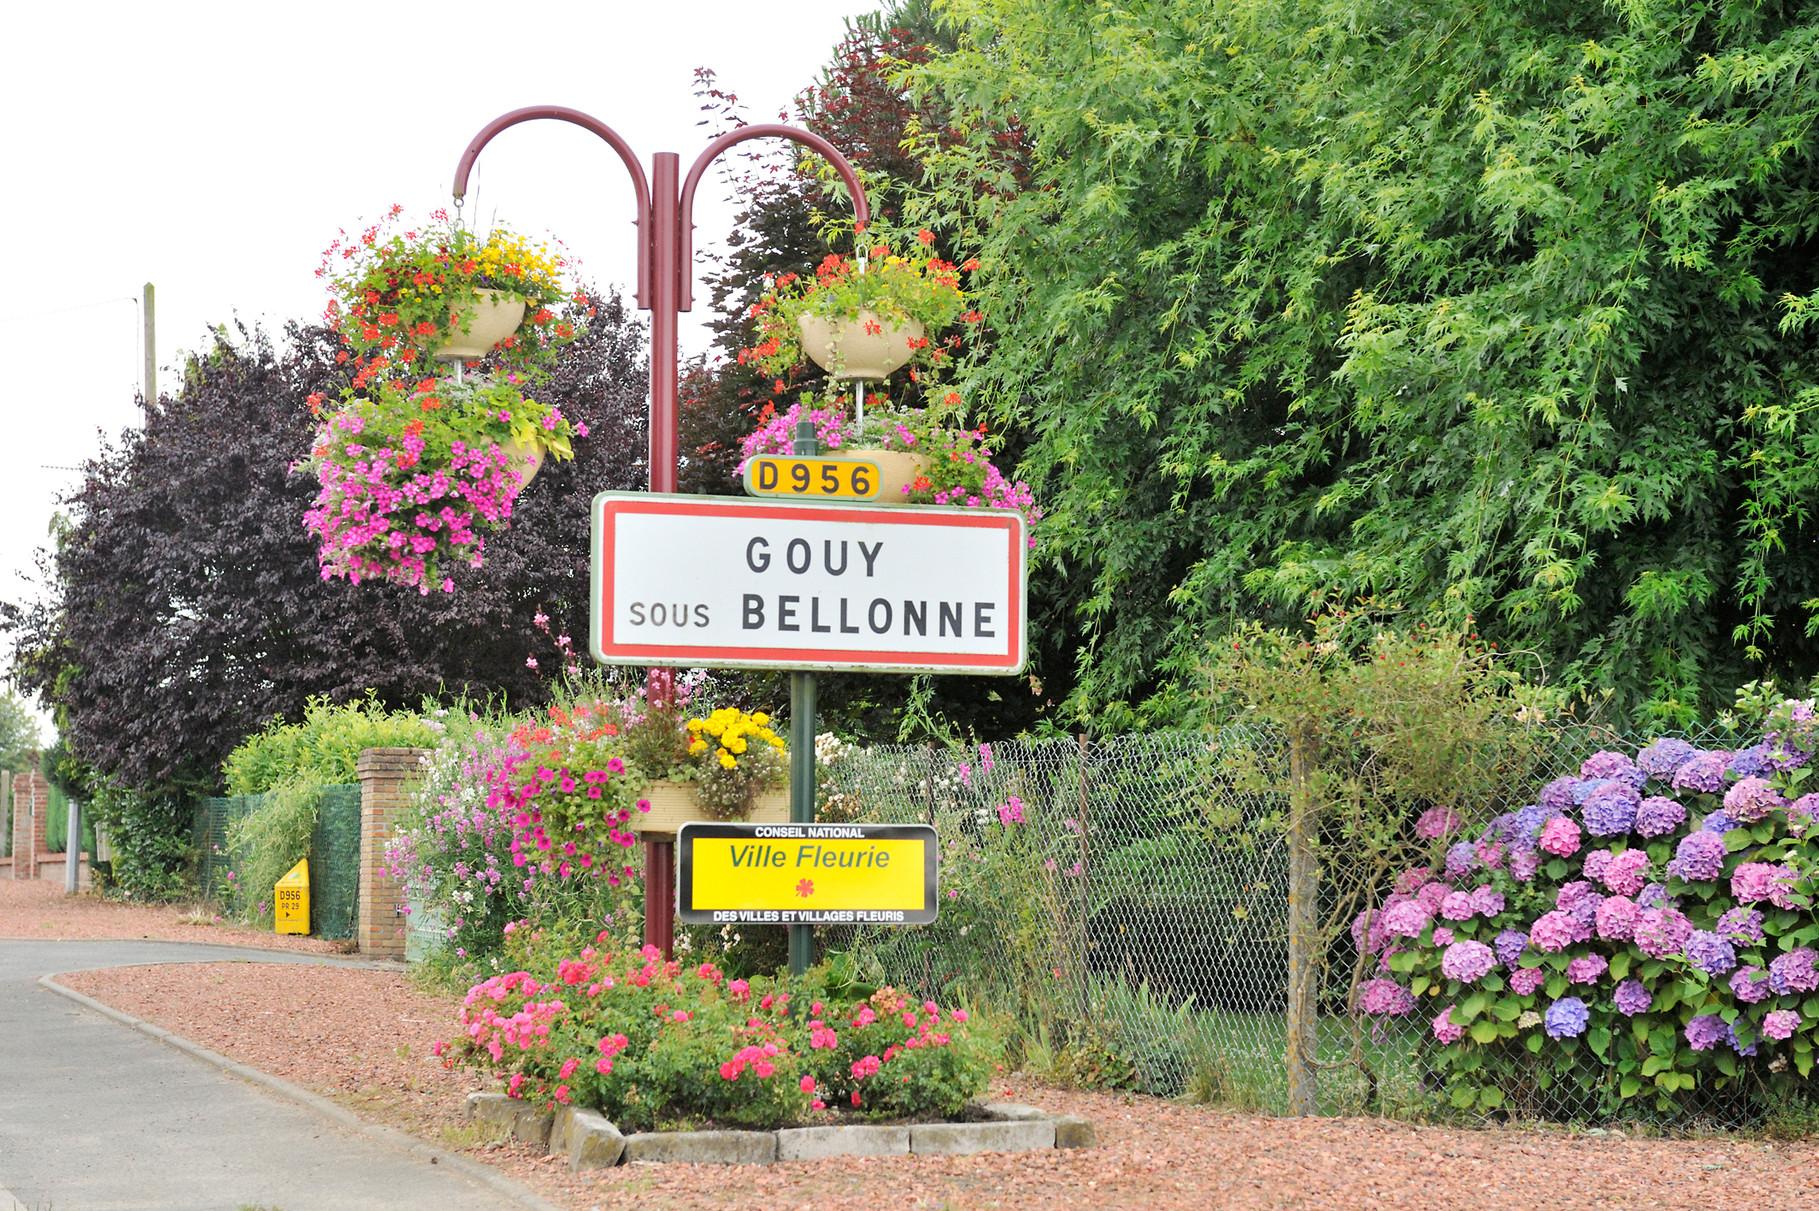 Panneau « Villes et Villages Fleuris » à Gouy-sous-Bellonne par Richard Soberka